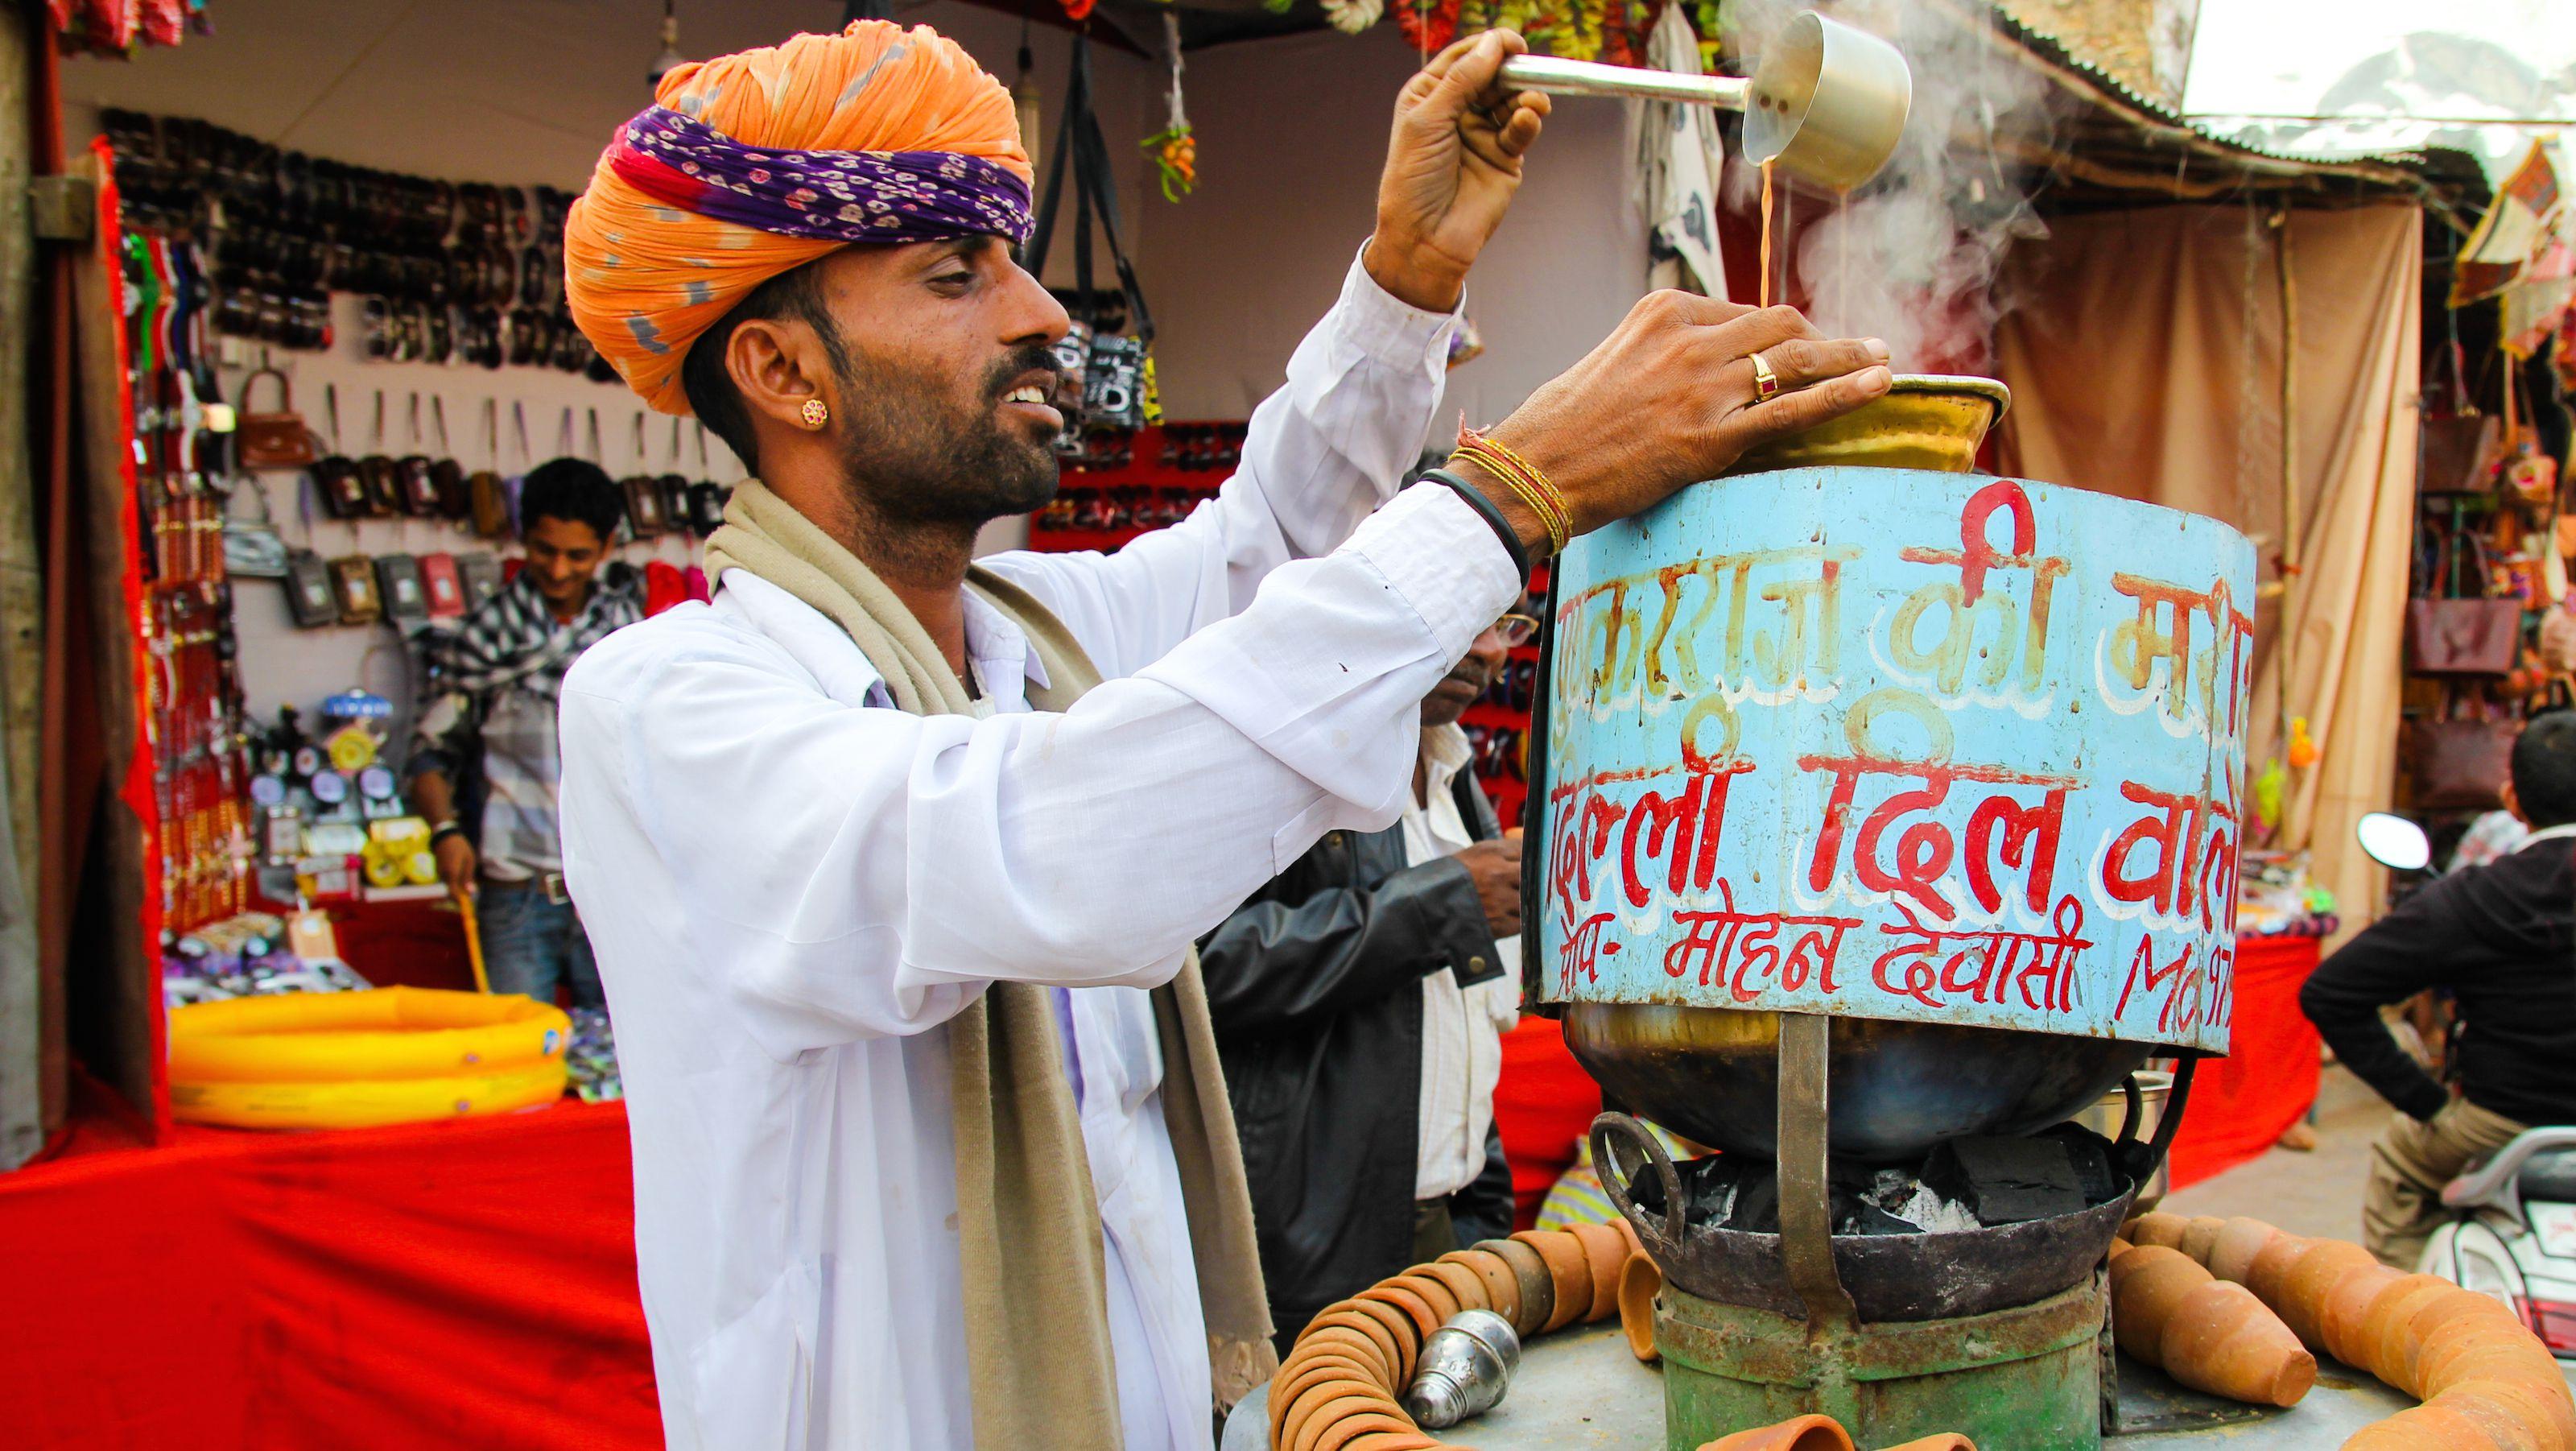 Tea Bag Meaning In Punjabi